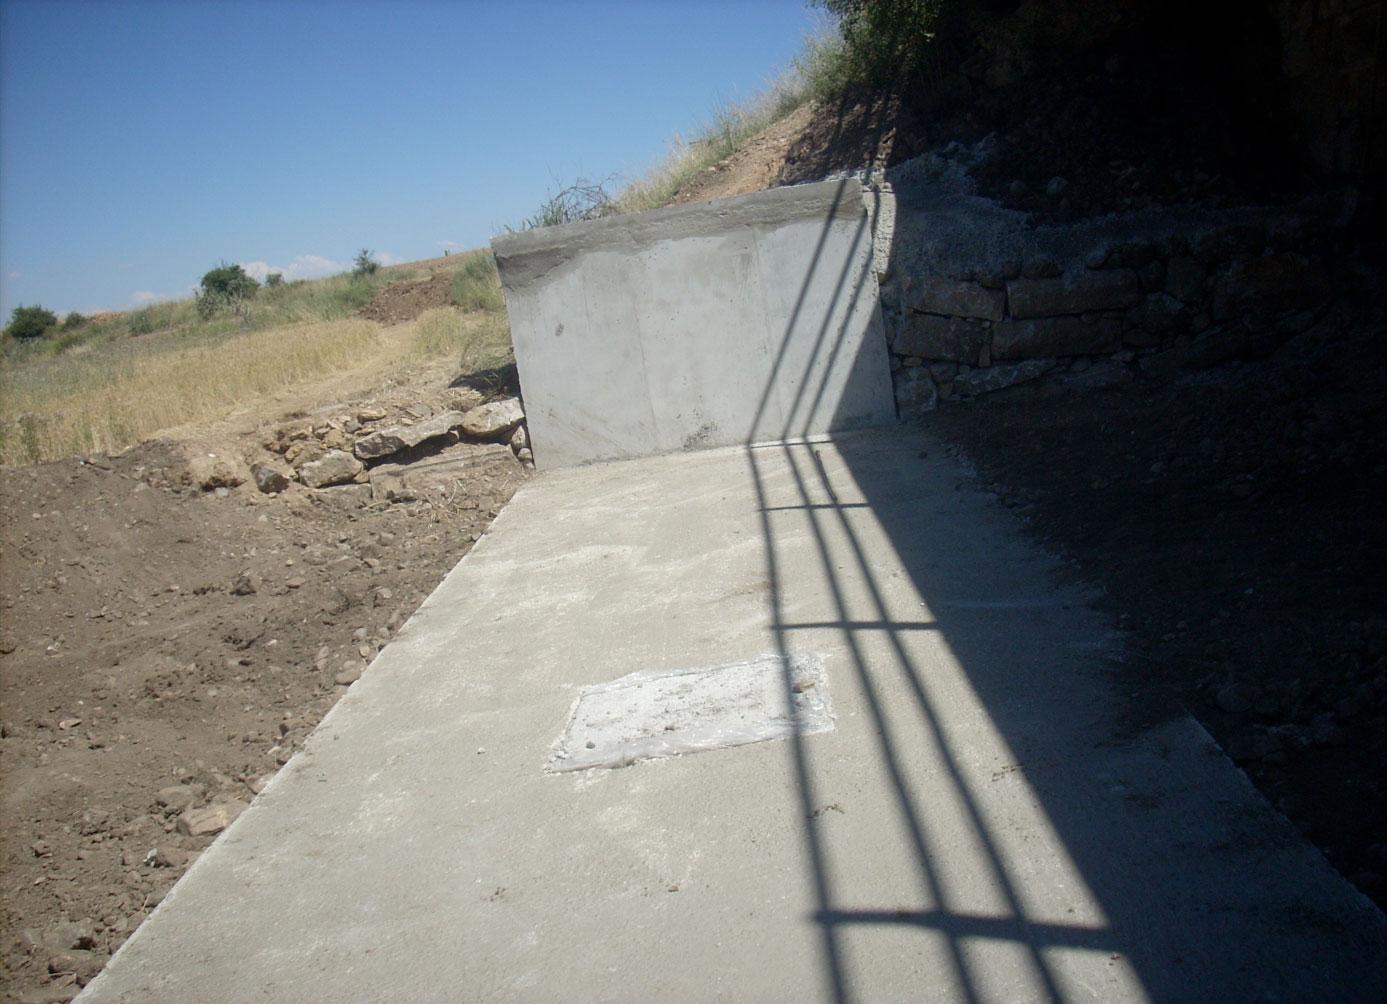 Obras de nueva estación de Aforos, río Gallo, T-M. Orihuela del Tremendal (Teruel)